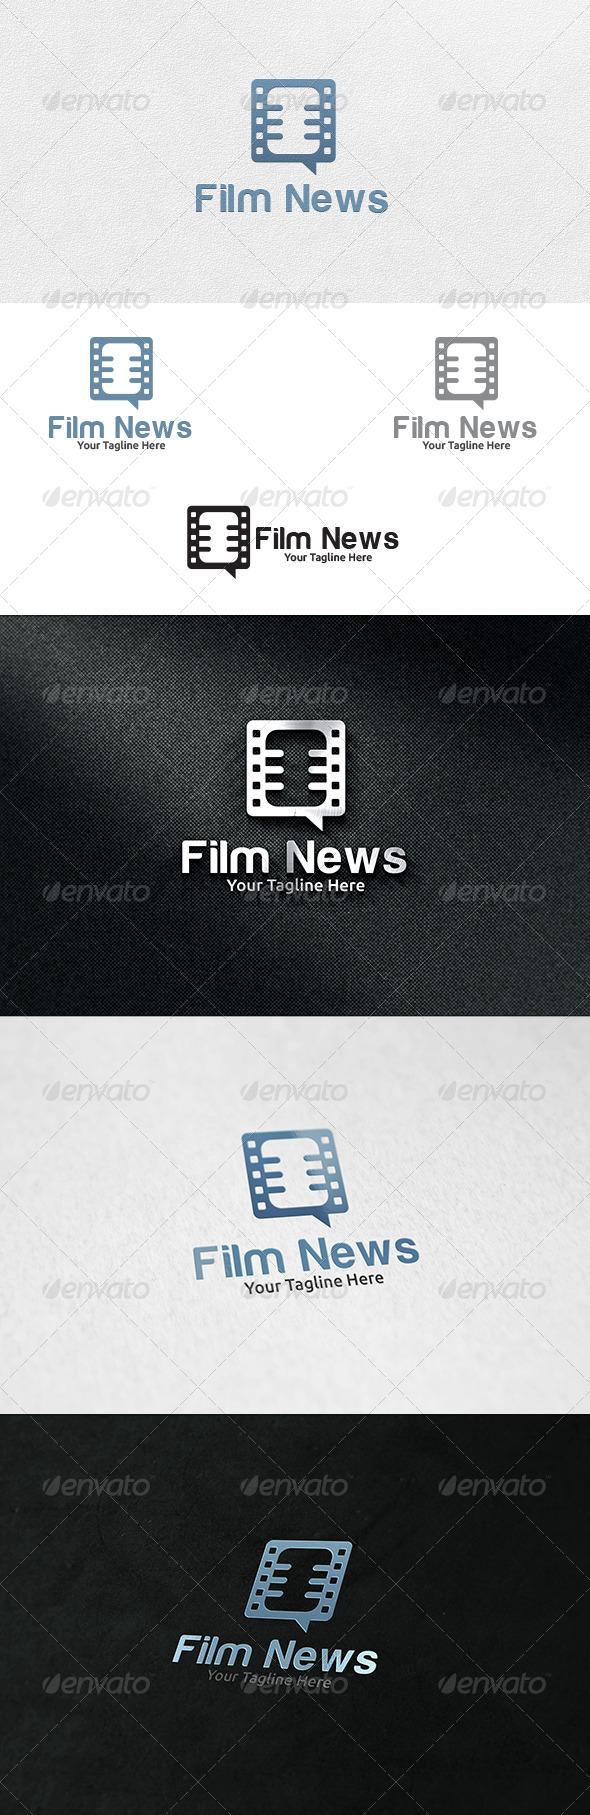 GraphicRiver Film News Logo Template 6688093